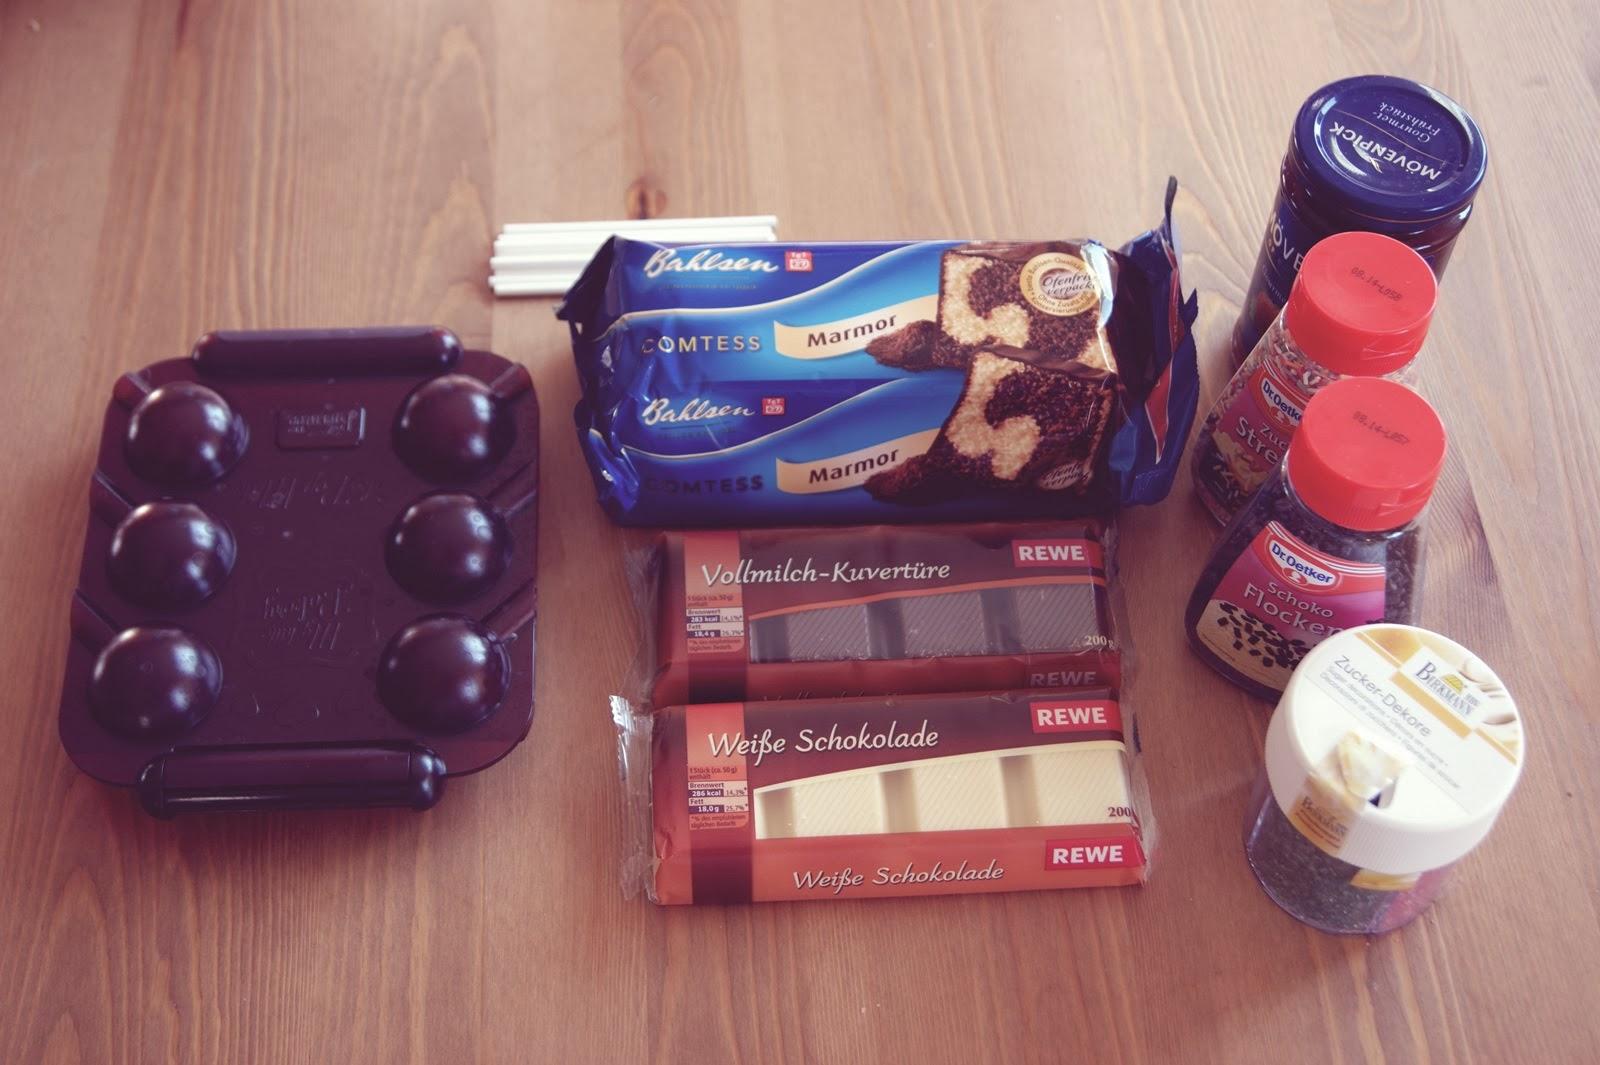 lichtfarbe schokolade ist gl ck das man essen kann ursula kohaupt. Black Bedroom Furniture Sets. Home Design Ideas